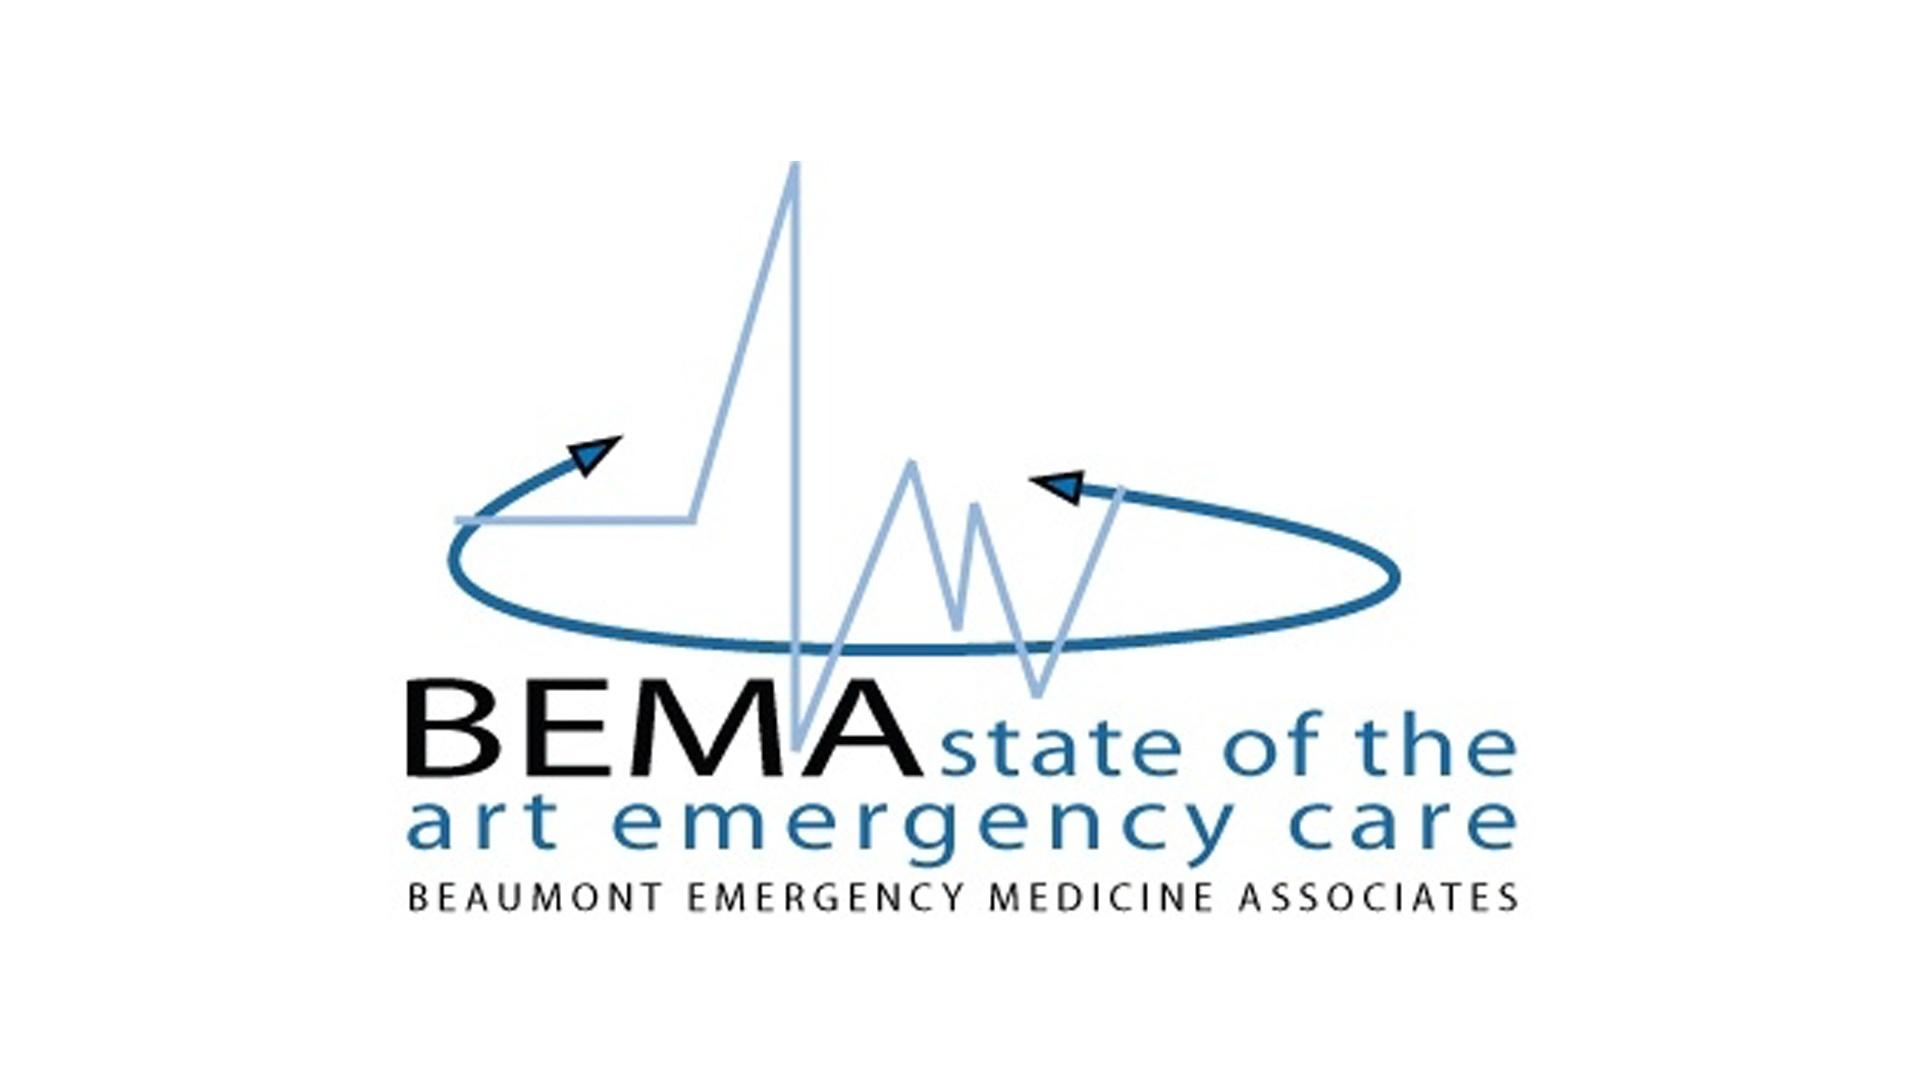 BEMA_Logo.jpg